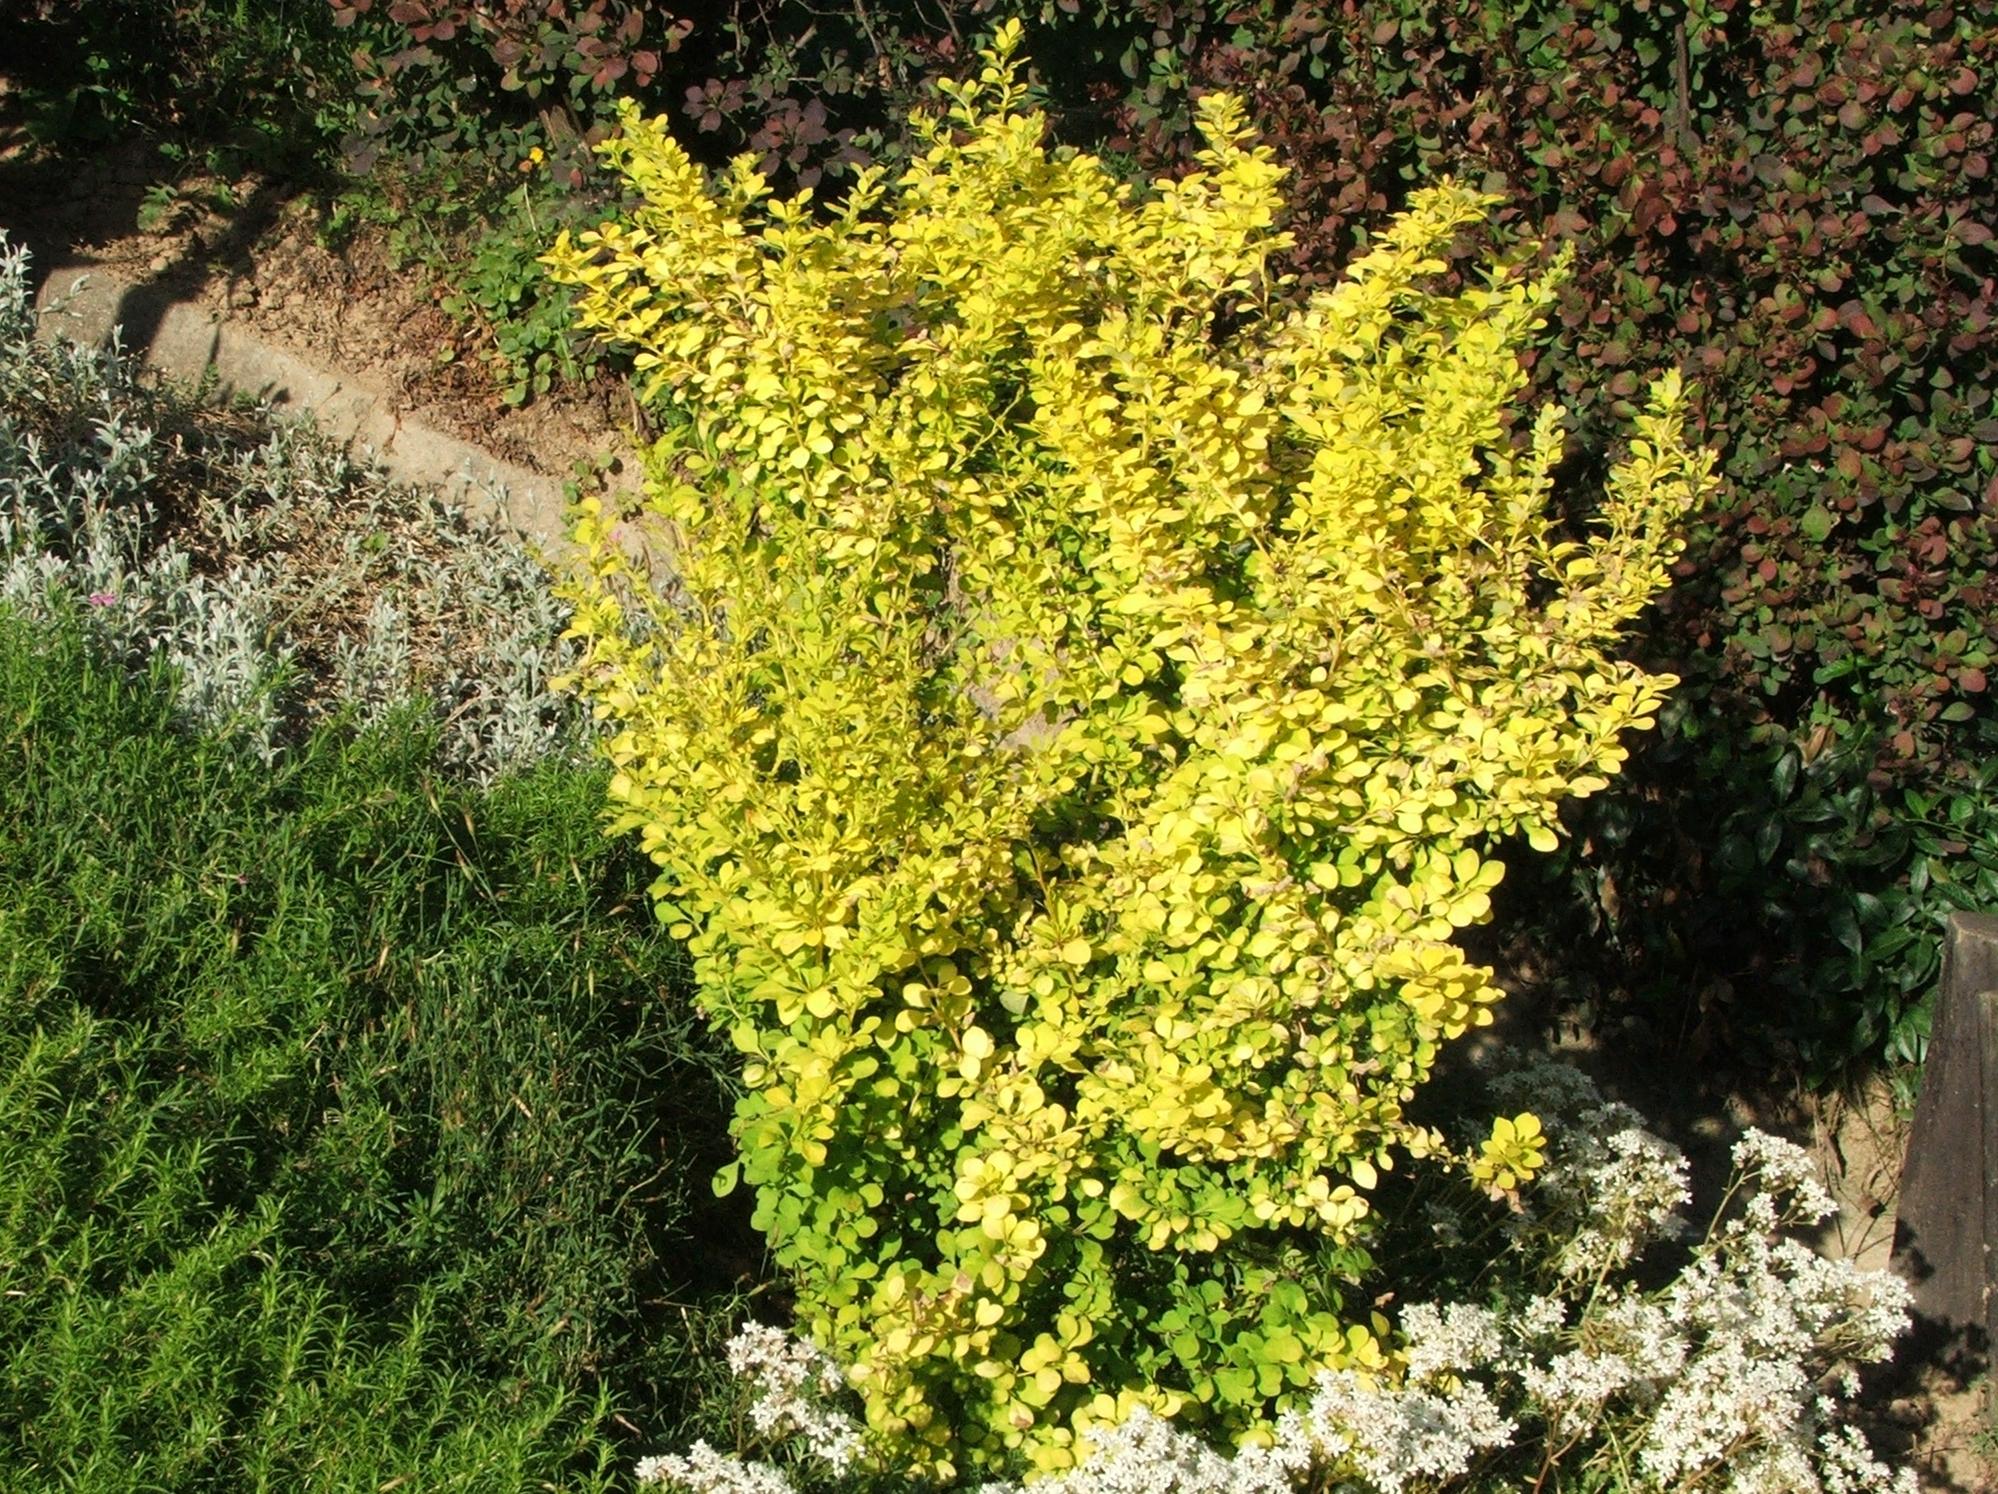 Декоративный лиственный кустарник с округлой кроной до 0,8 м высотой, диаметр кроны 1 м. Долговечность 50 лет.